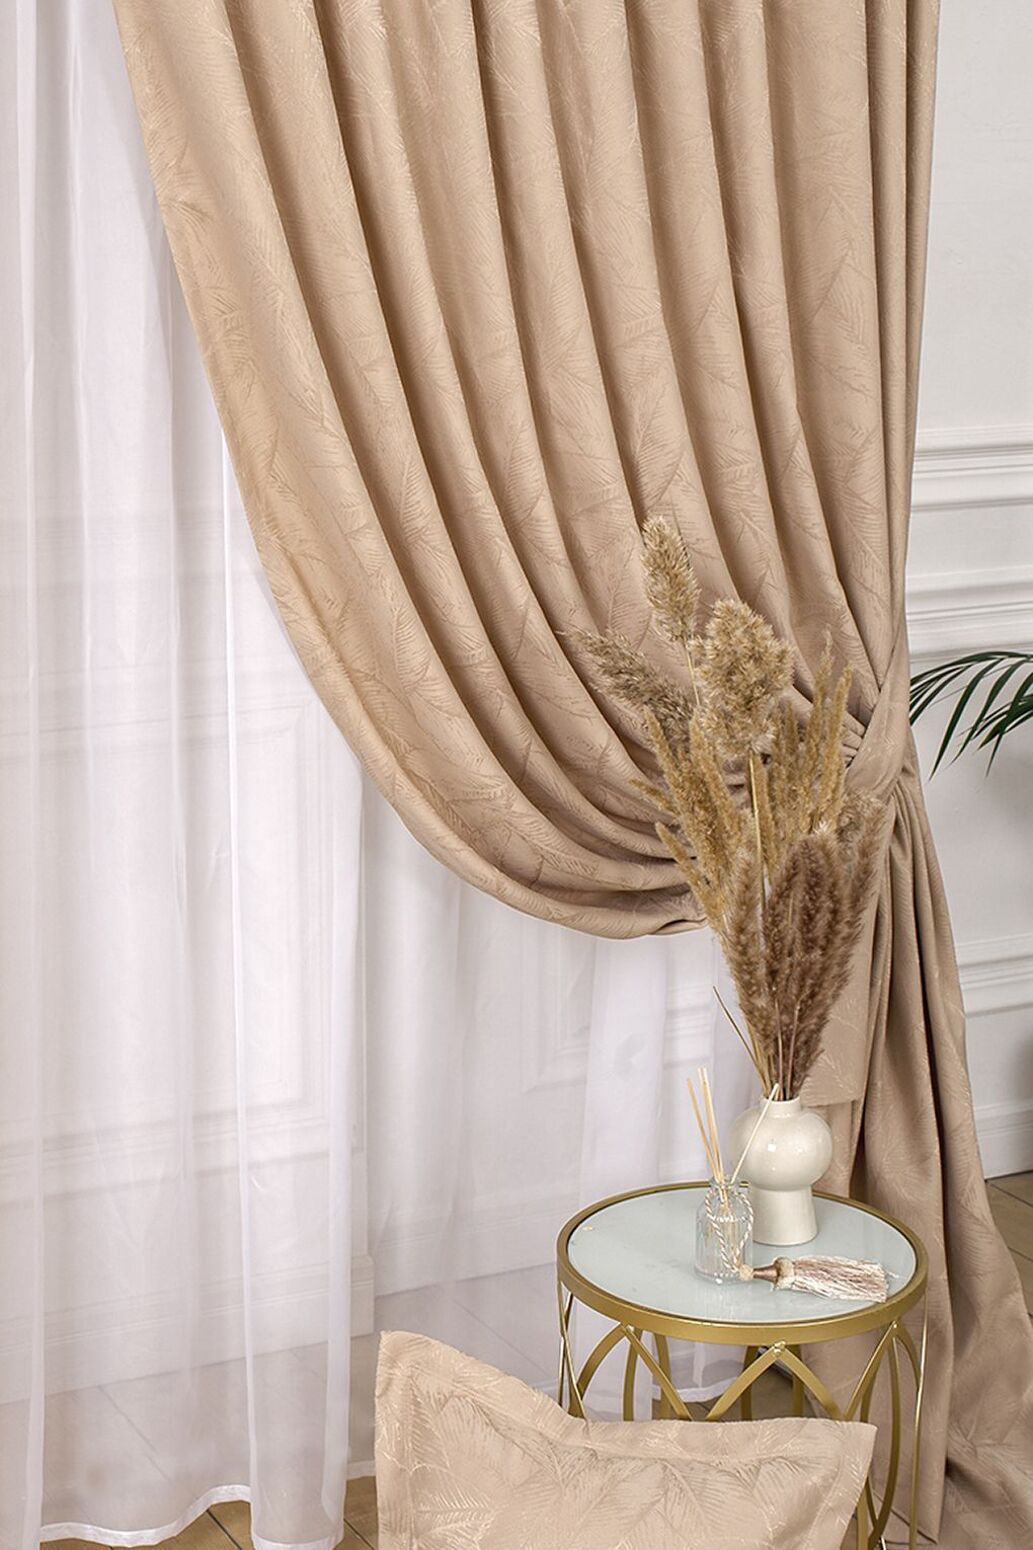 Как правильно выбрать шторы: разновидности, материалы, цветовая гамма и прочие нюансы